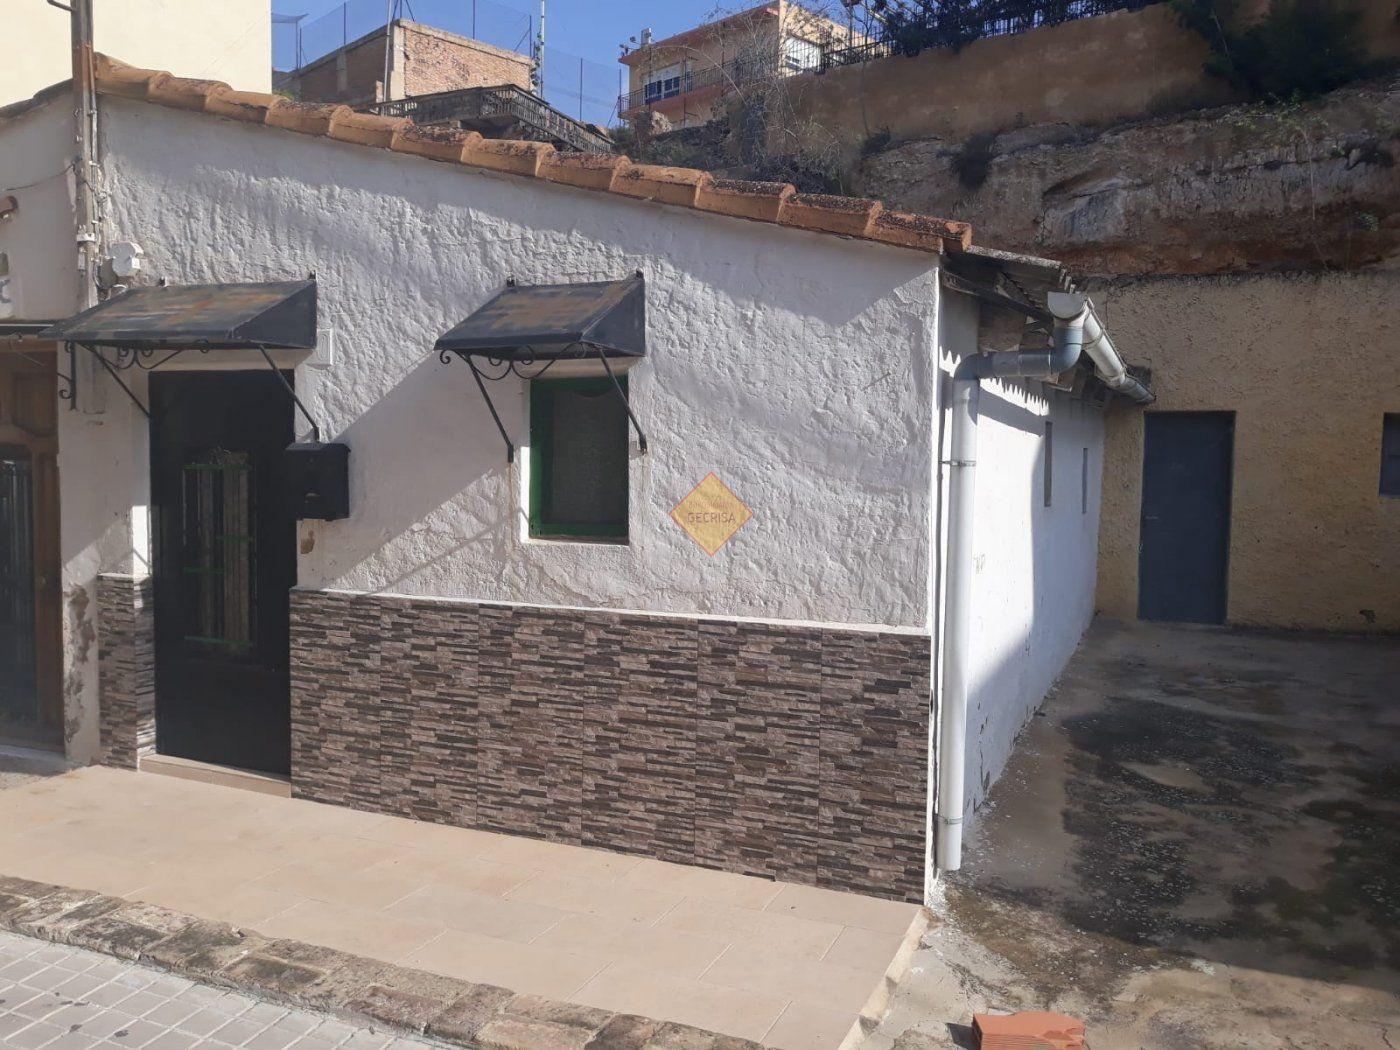 Solar urbà  Burjassot ,santa gema. Parcela de tres viviendas juntas con 12 metros de fachada